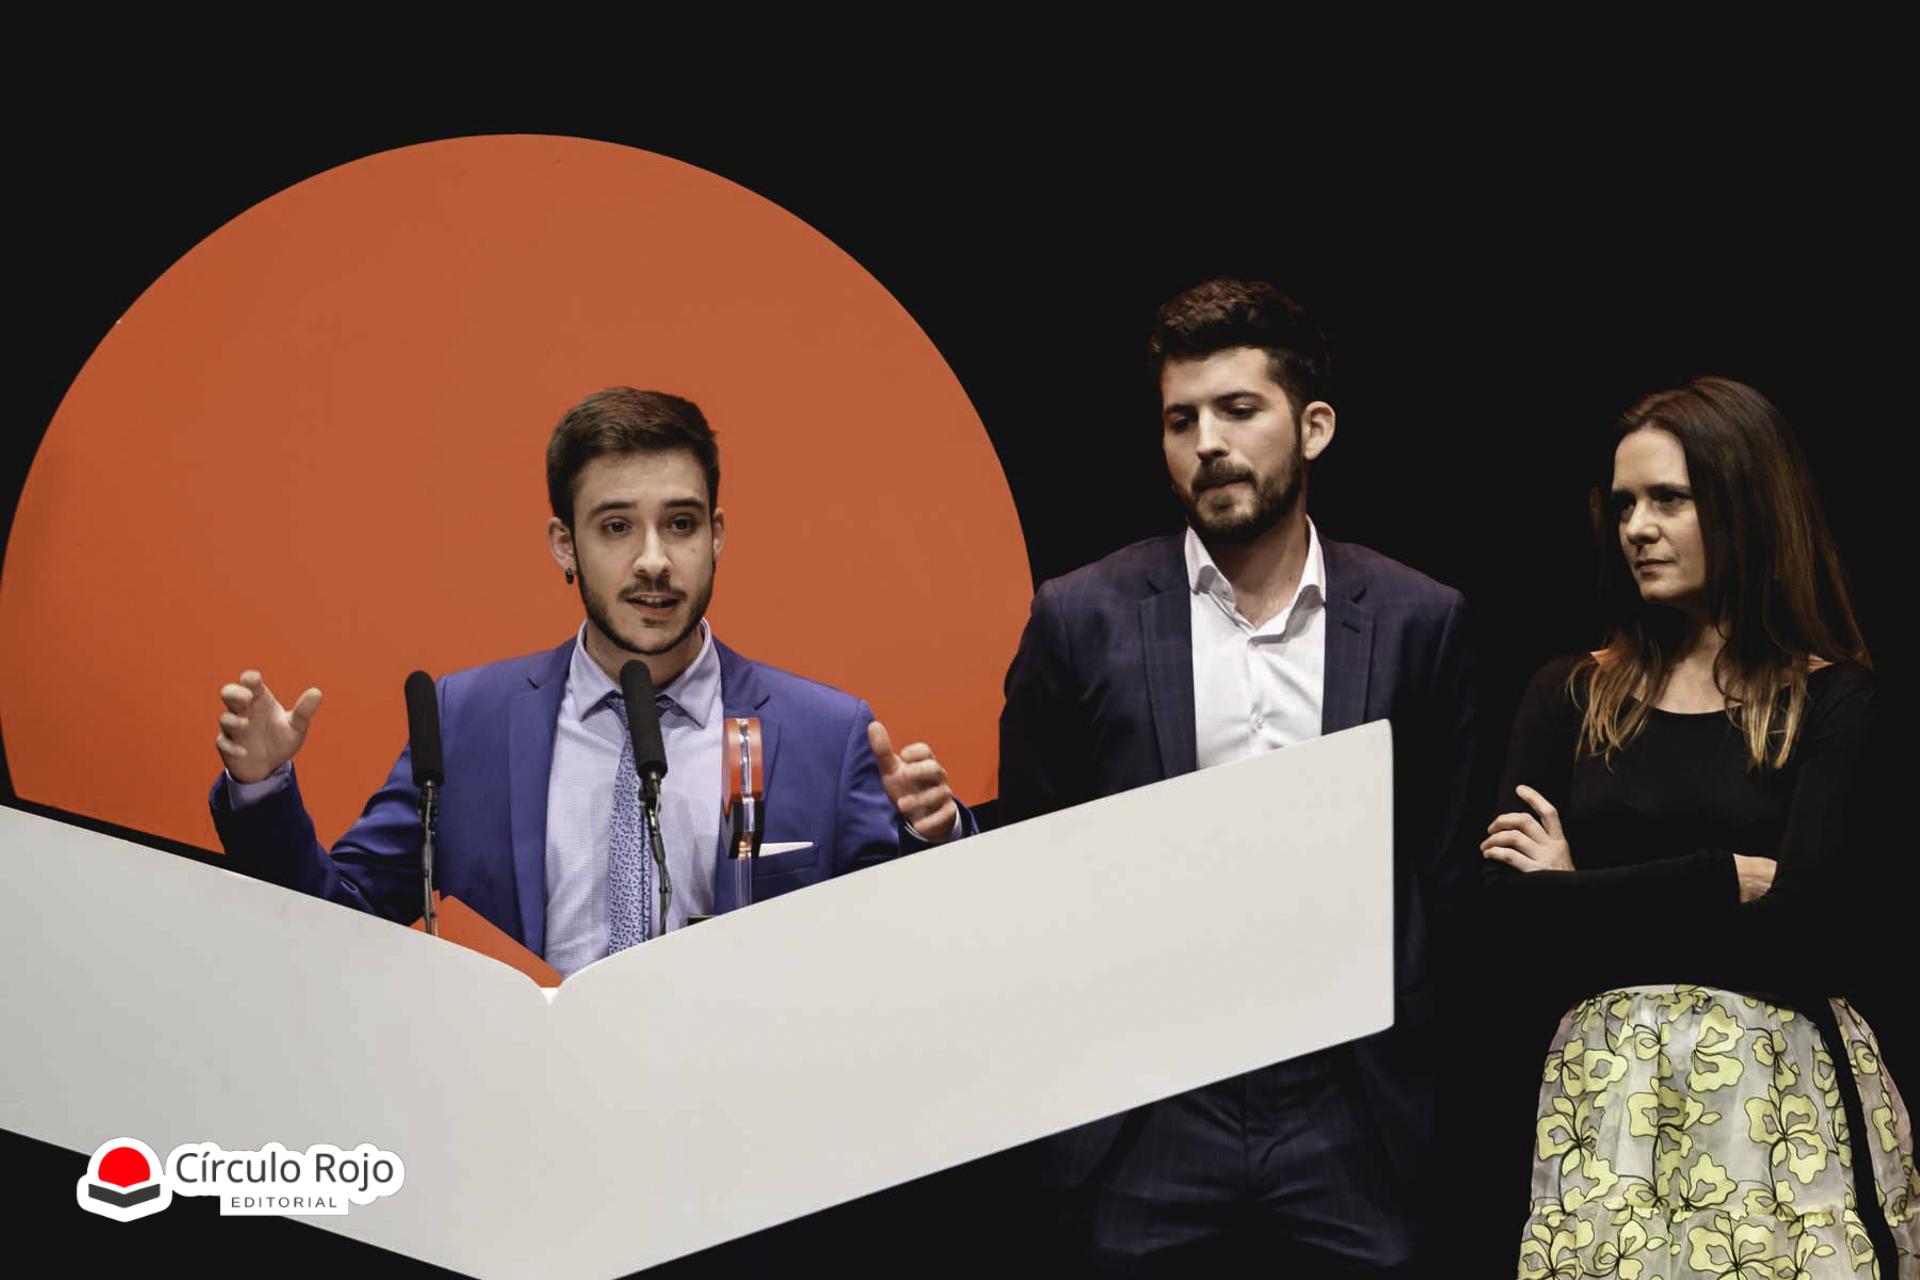 Entrevista a ganadores de los Premios Círculo Rojo 2019: Memorias de un loco cuerdo